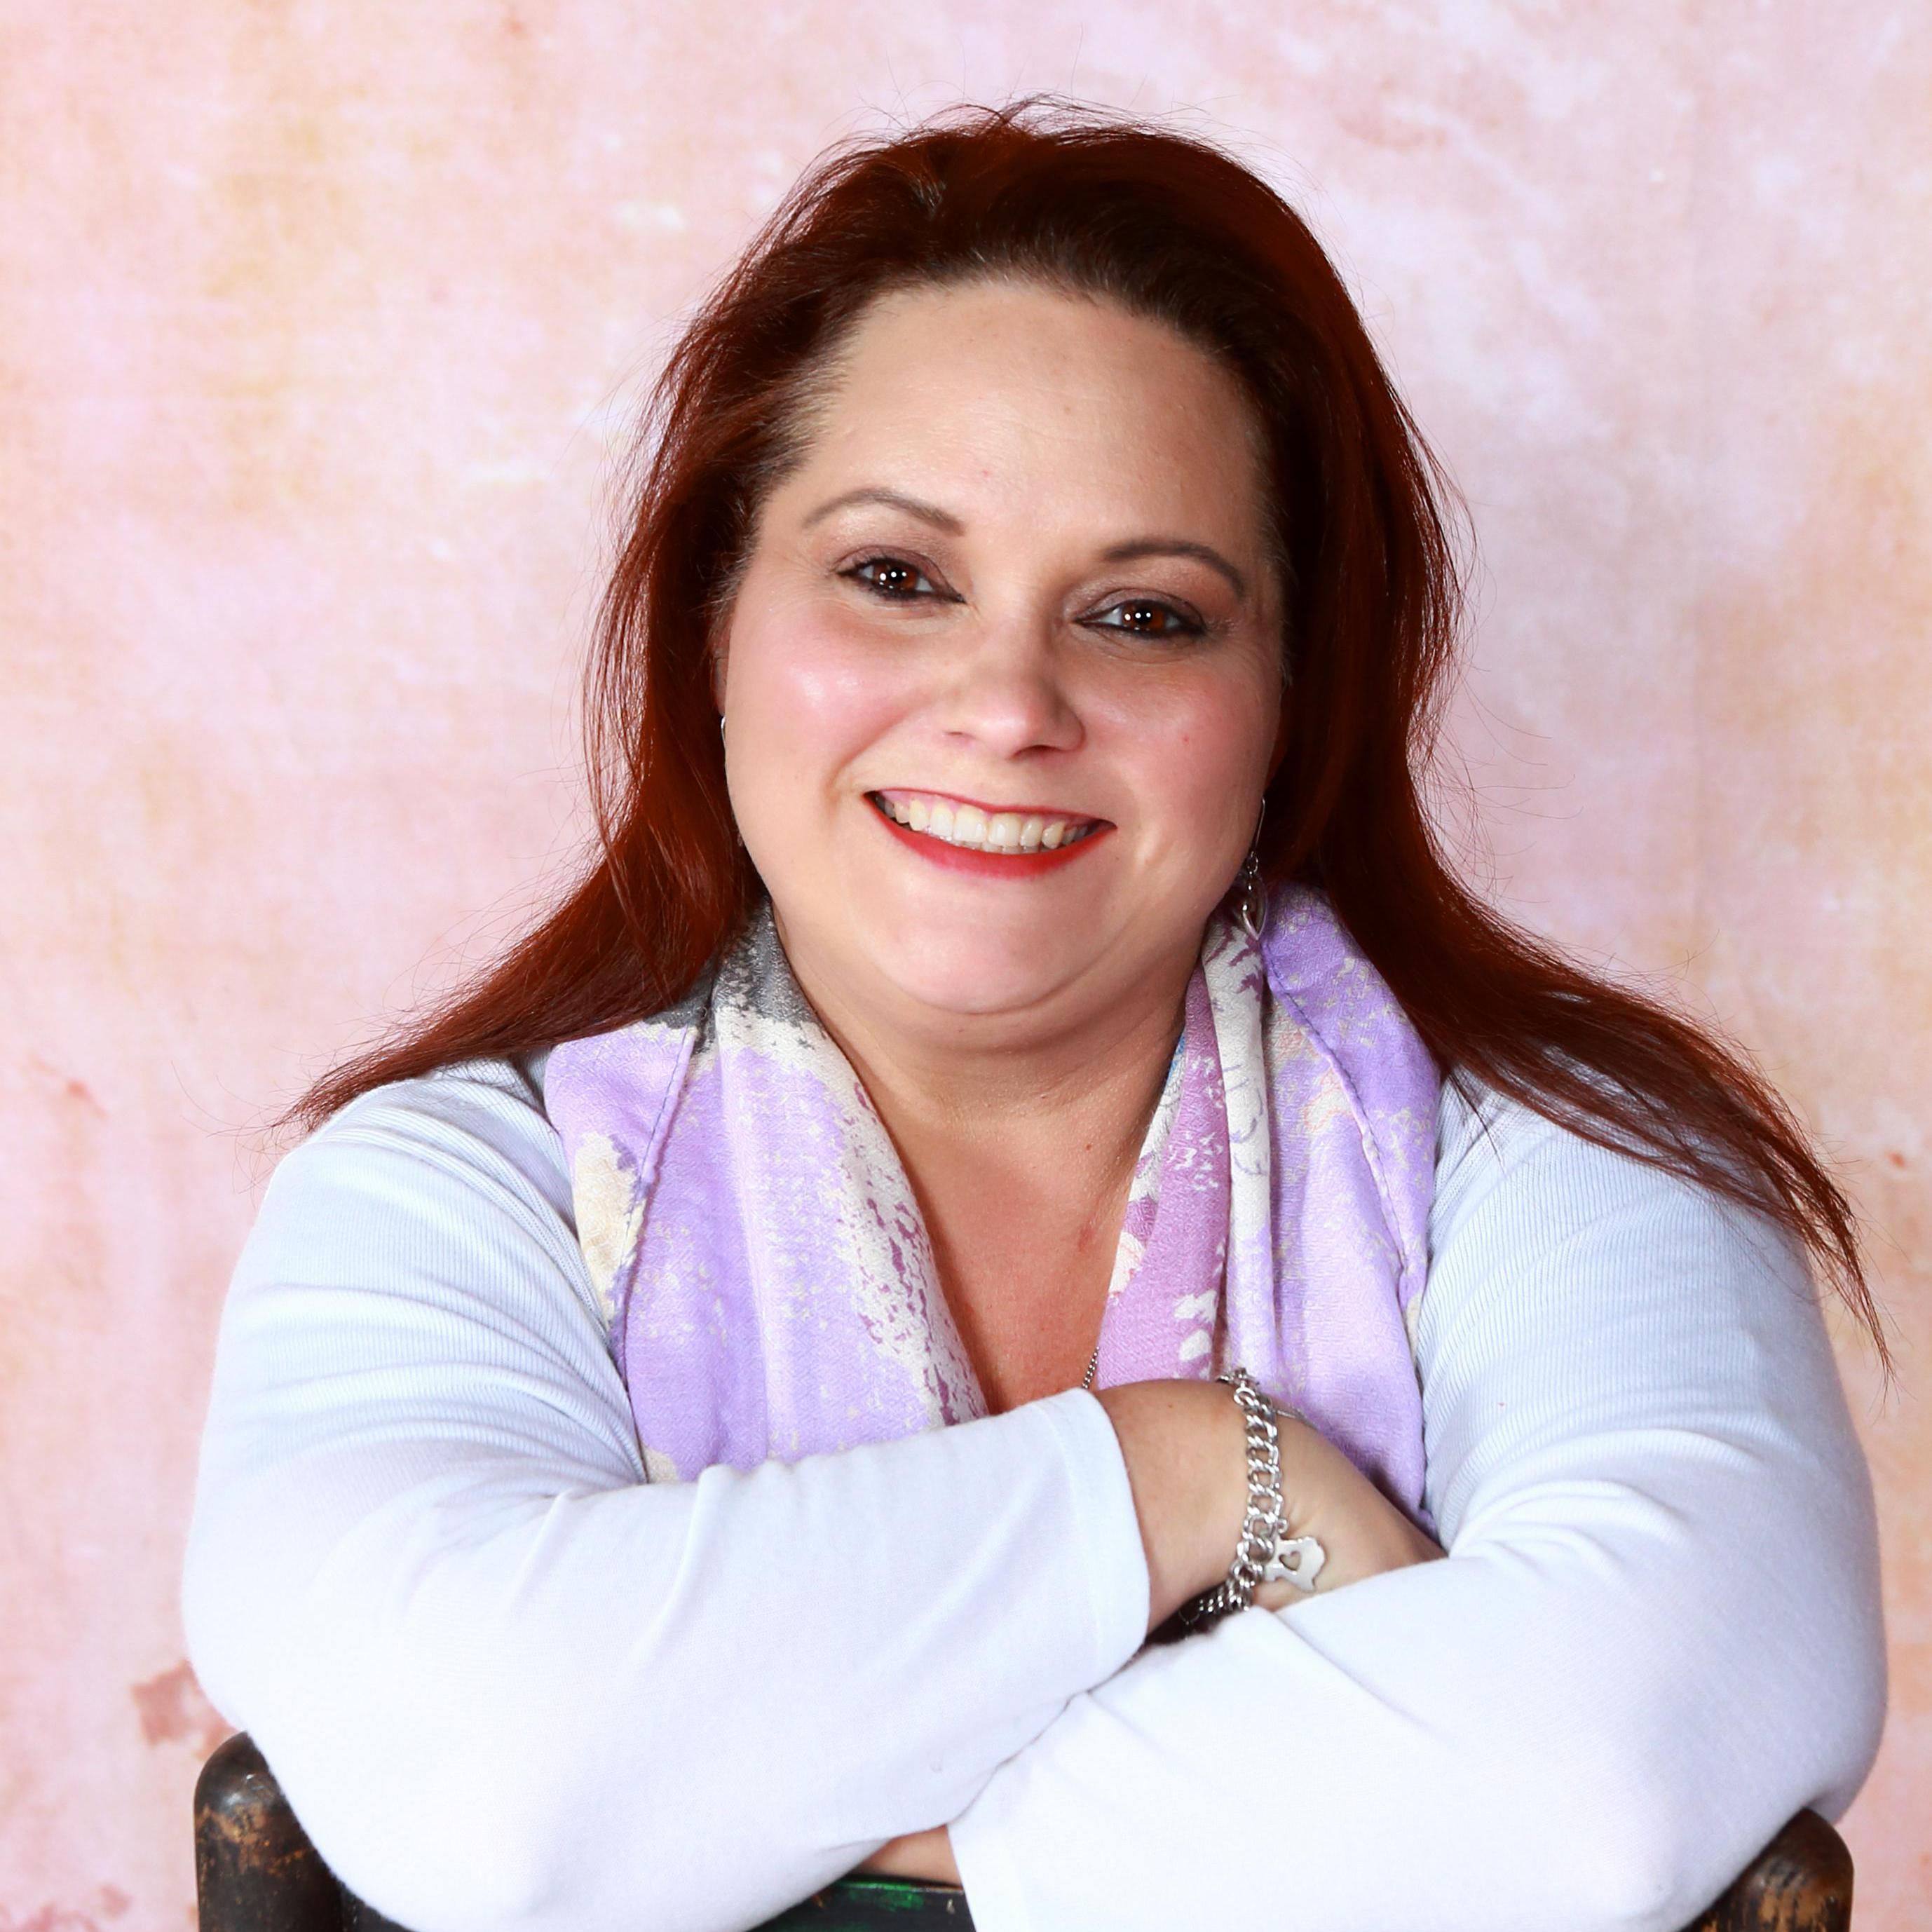 Alicia Empson's Profile Photo